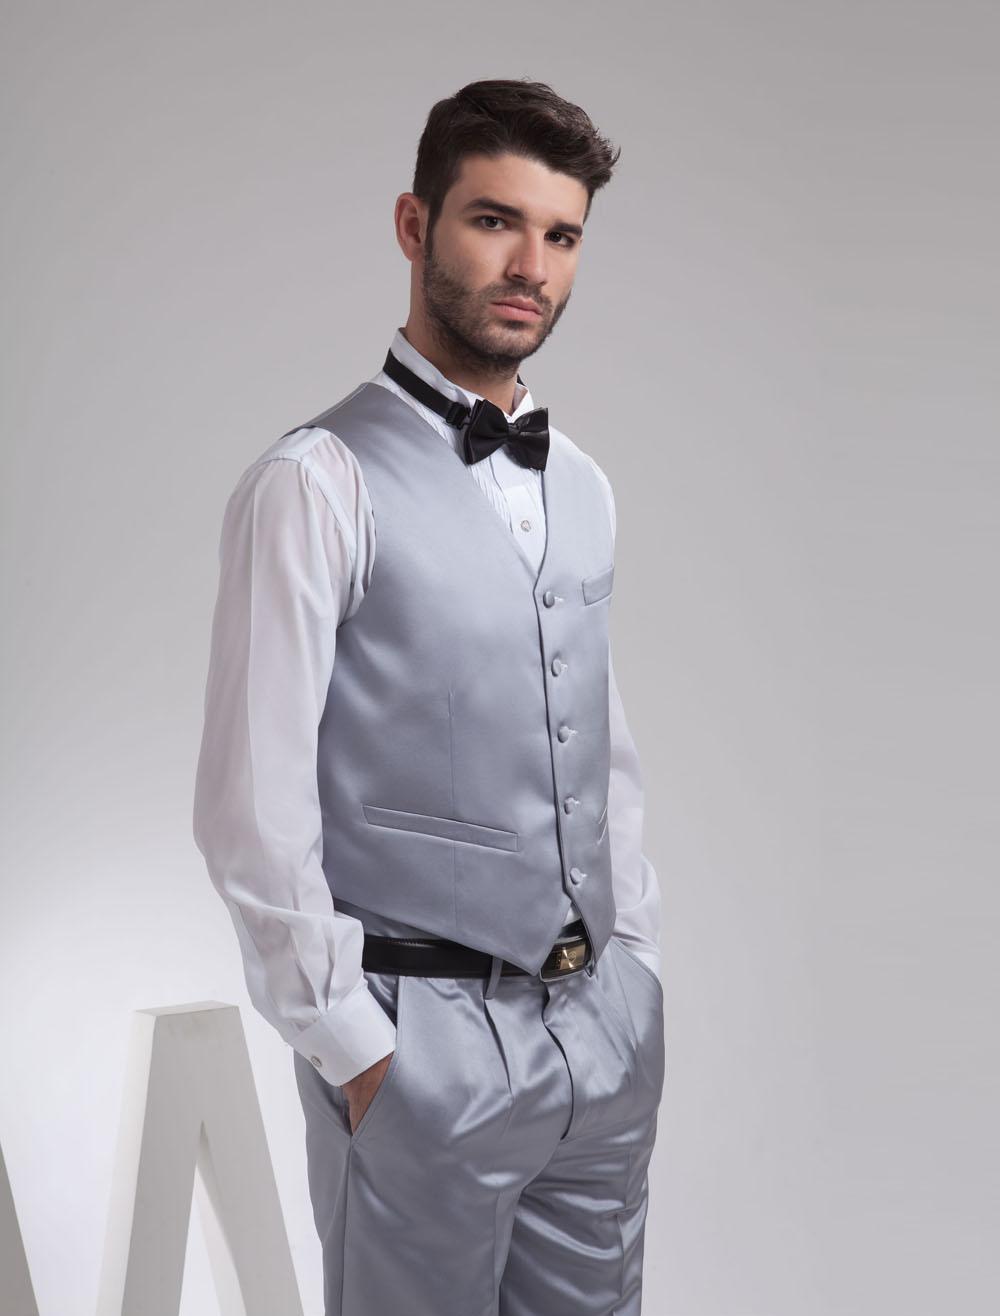 Gilet Uomo Matrimonio : Gilet da uomo argento personalizzato elegante in raso con bottoni in